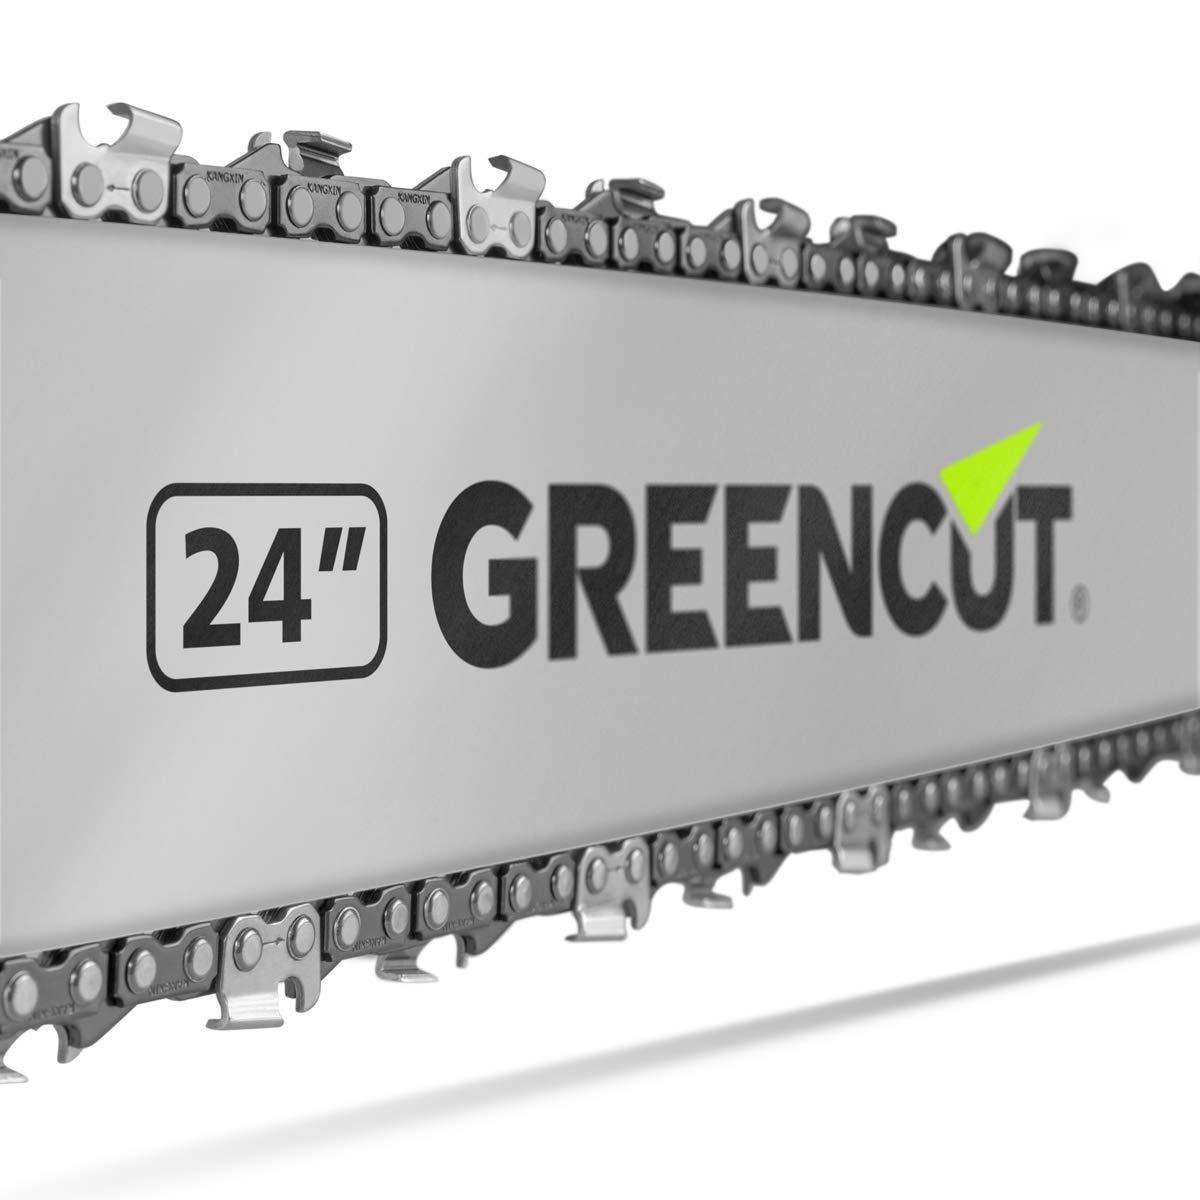 Greencut GS7200 24 - Motosierra de gasolina, 72cc - 4,2cv ...